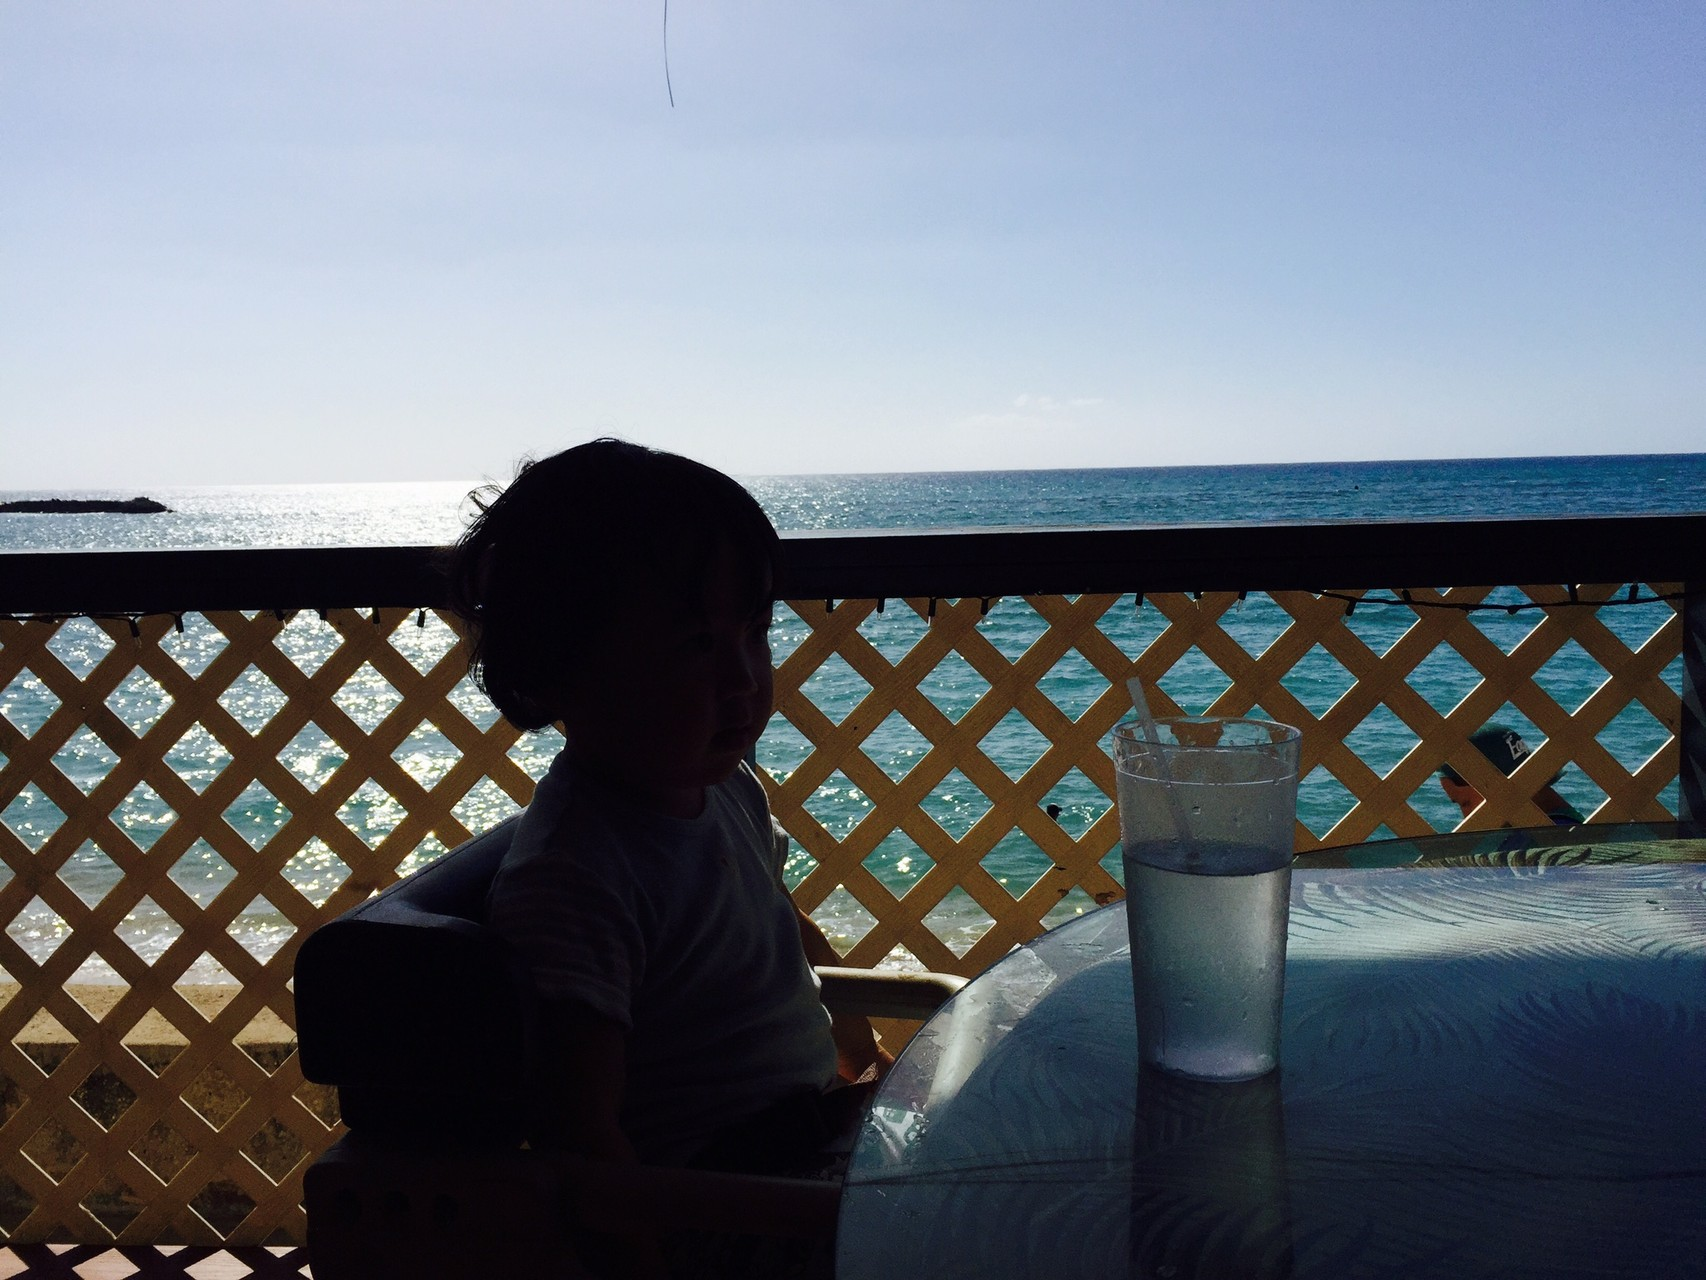 ハワイ 海沿いの絶景カフェでひとやすみ